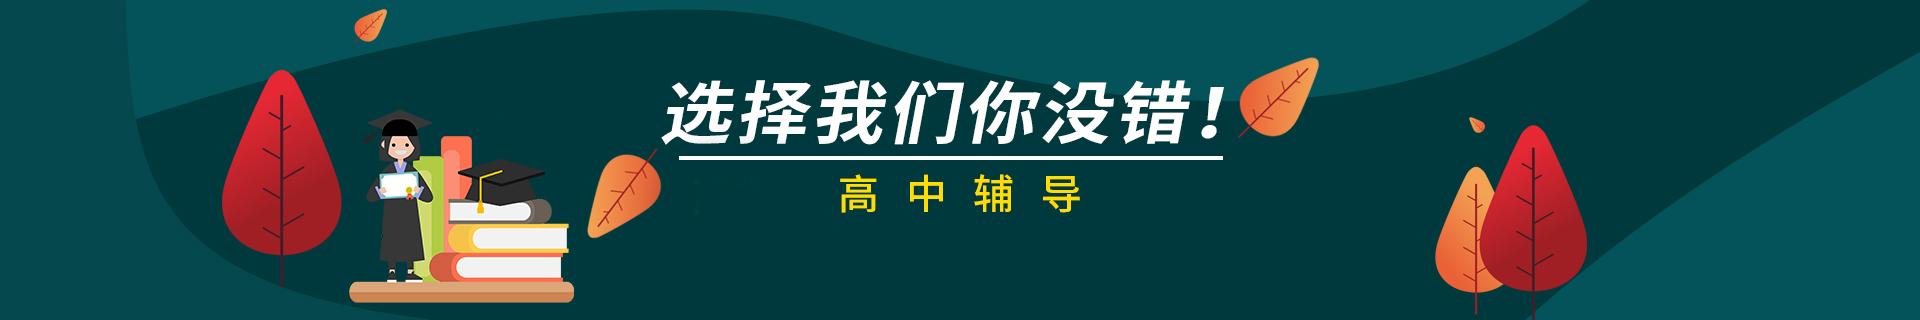 杭州上城区纳思书院辅导机构